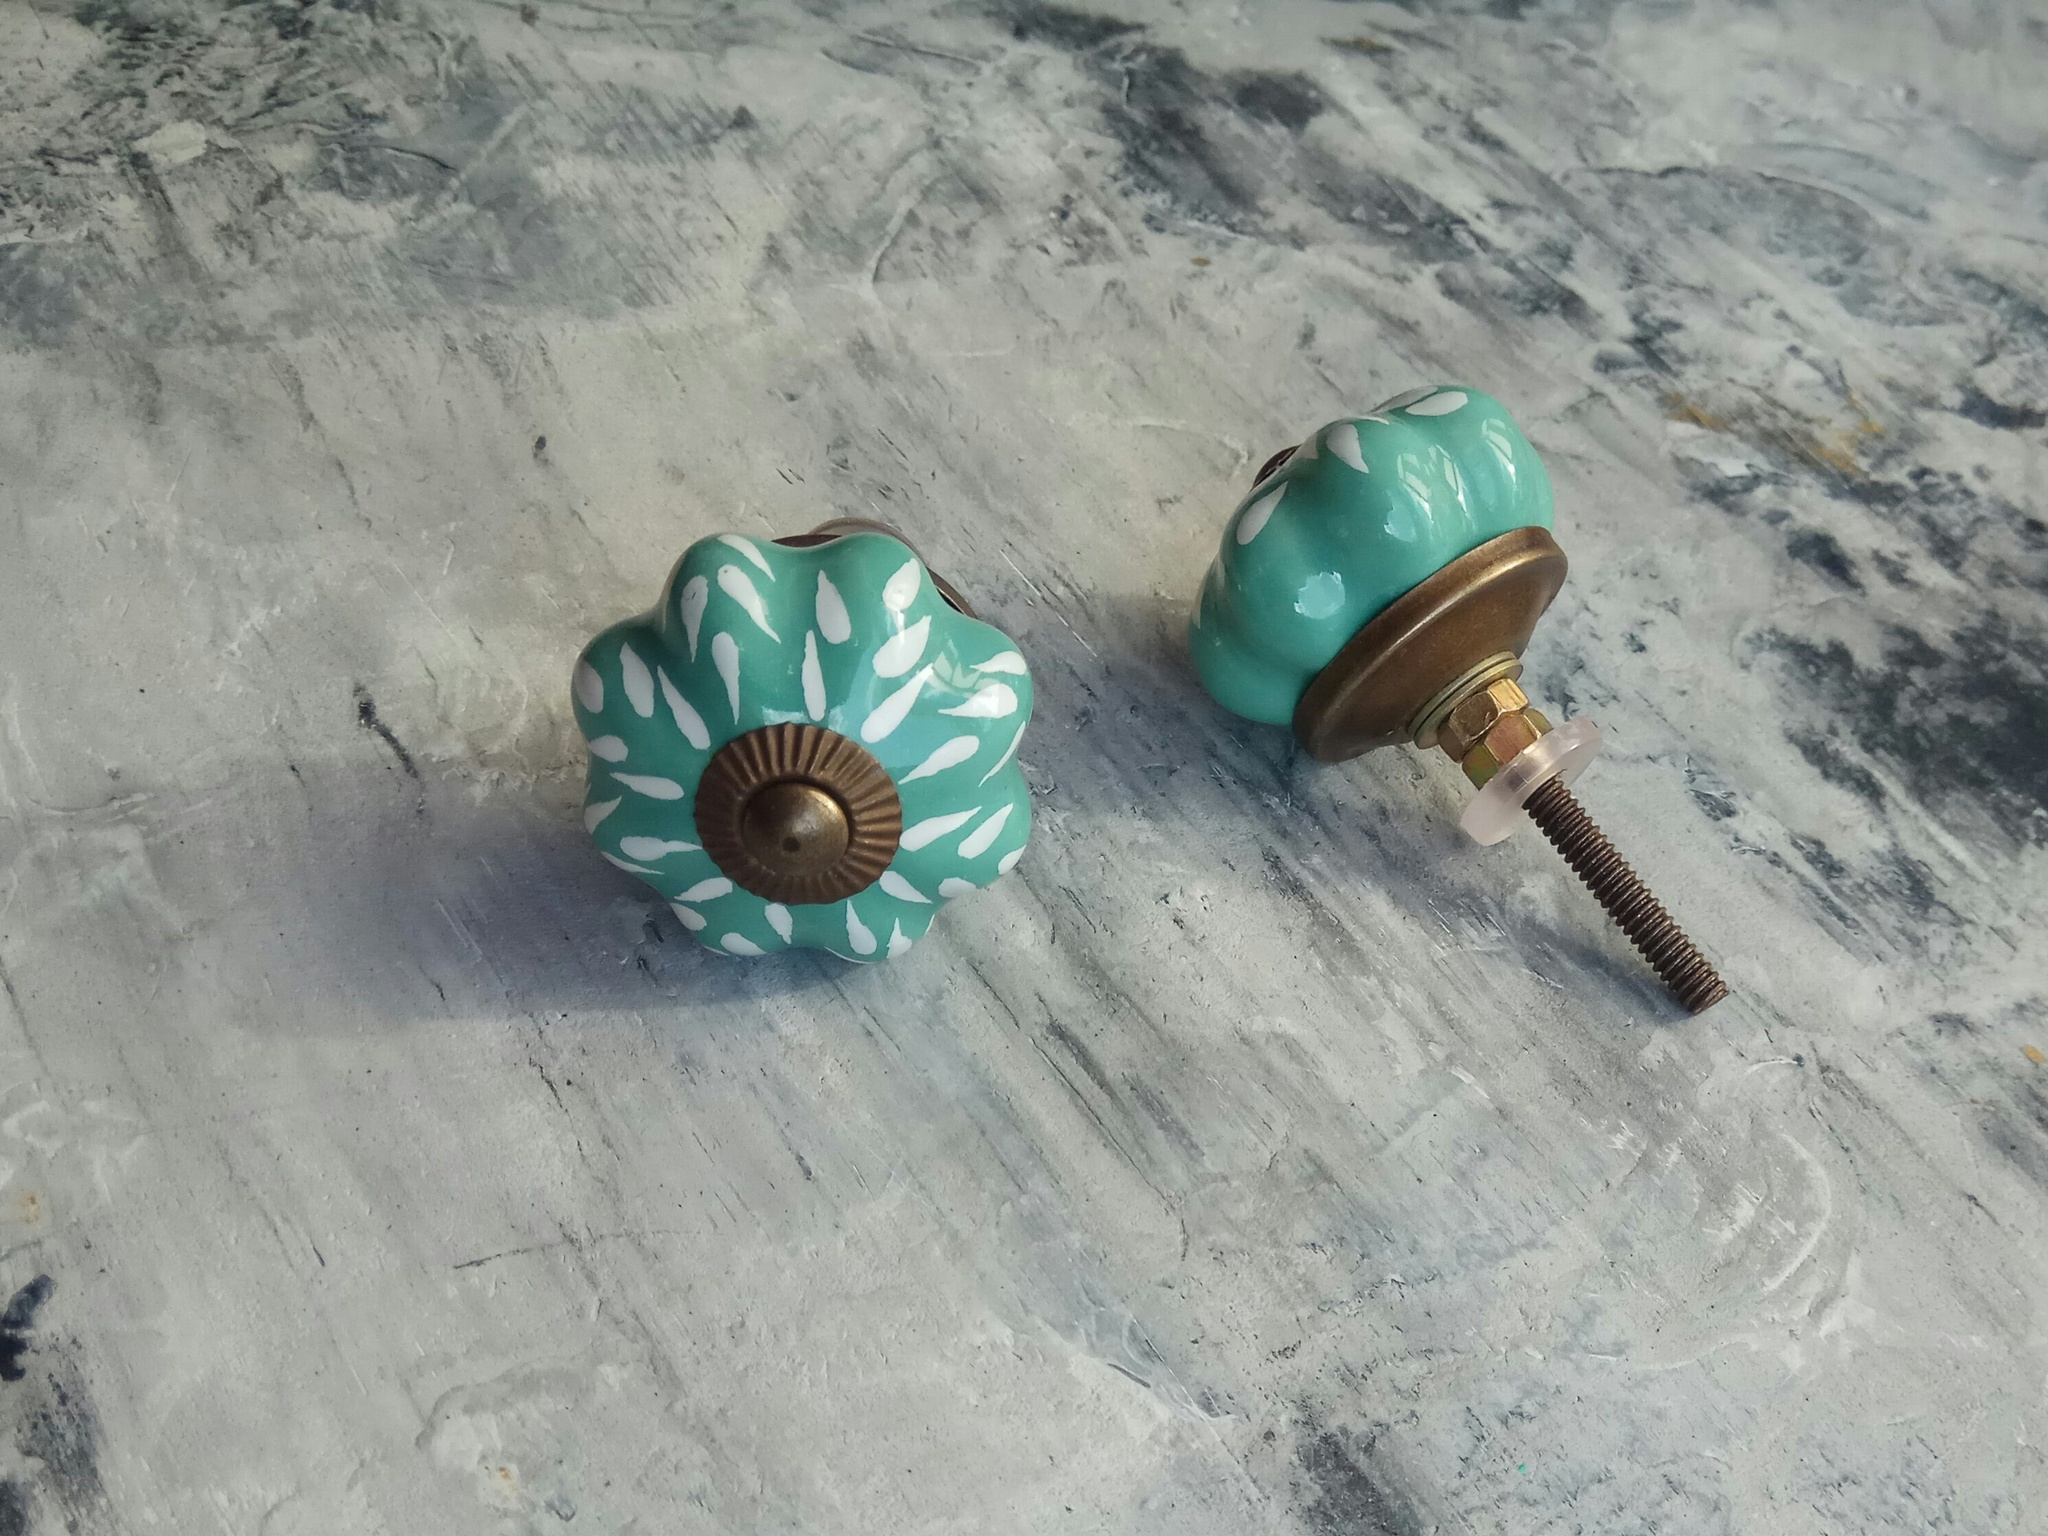 Ручка мебельная керамическая бирюзовая с белым узором, арт. 00001095